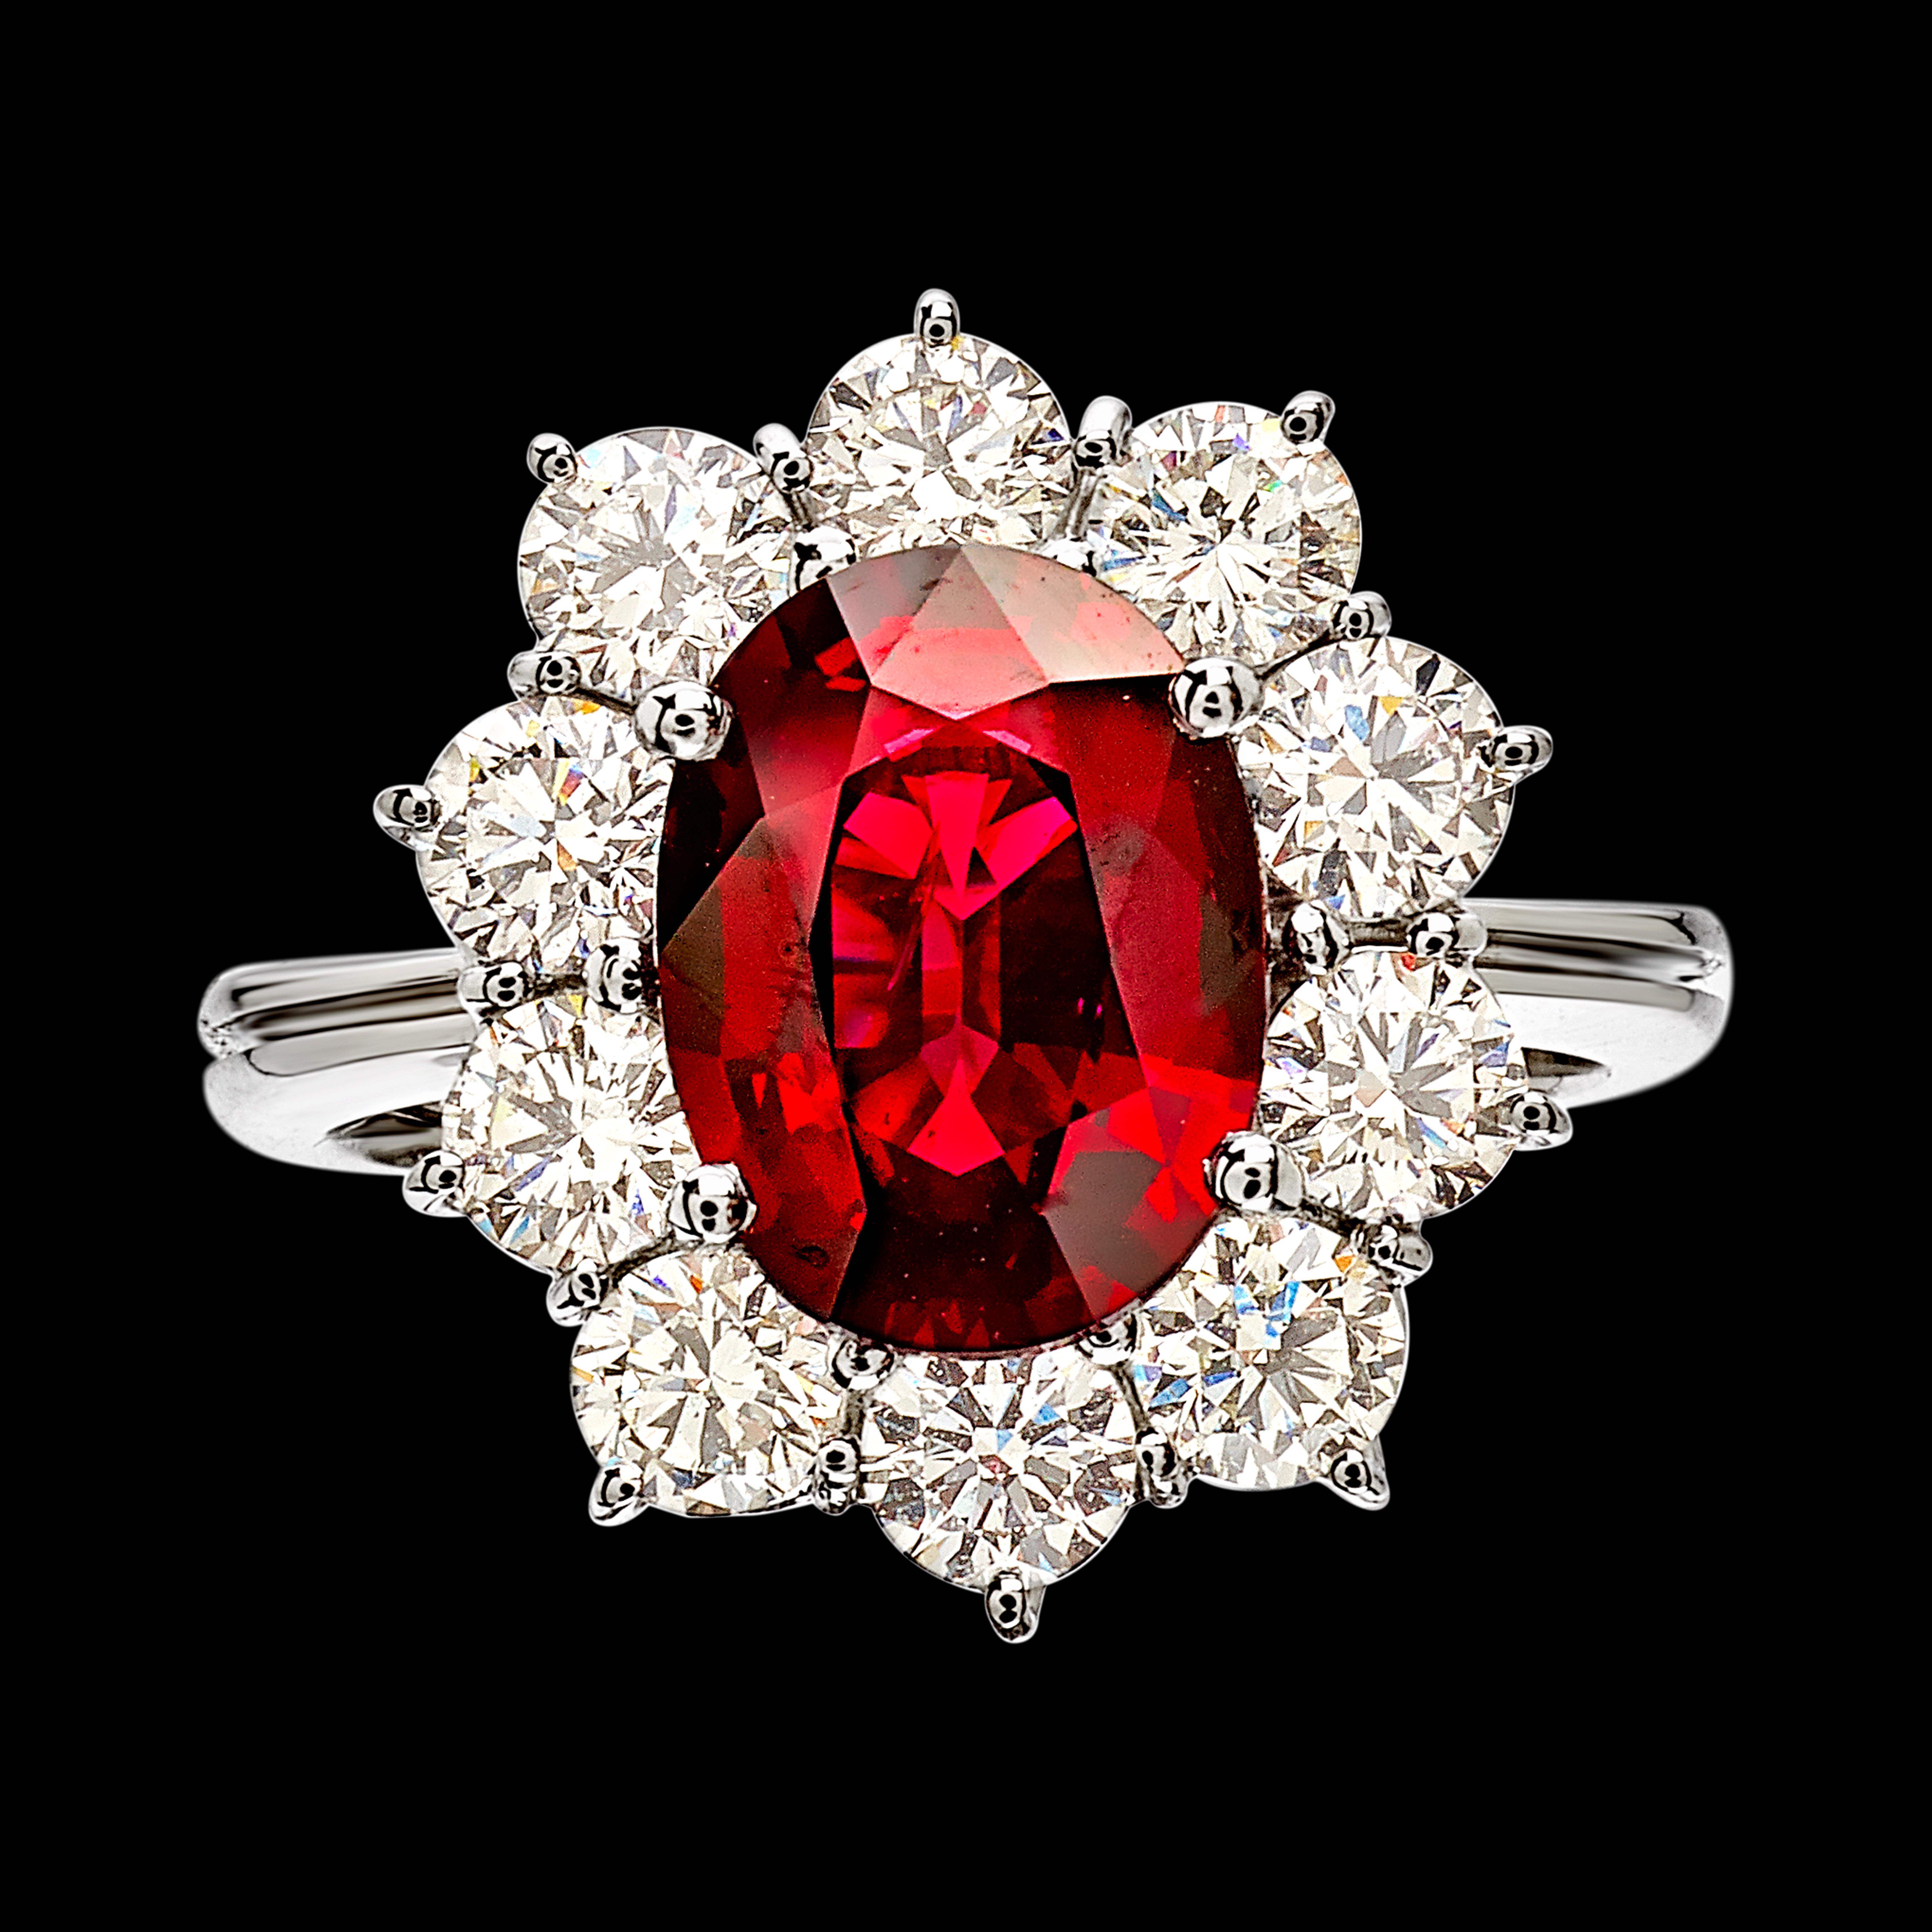 AN3207RB Massimo Raiteri pigeon blood ring diamonds classic timeless jewelry sangue di piccione anello diamanti classico contorno senza tempo